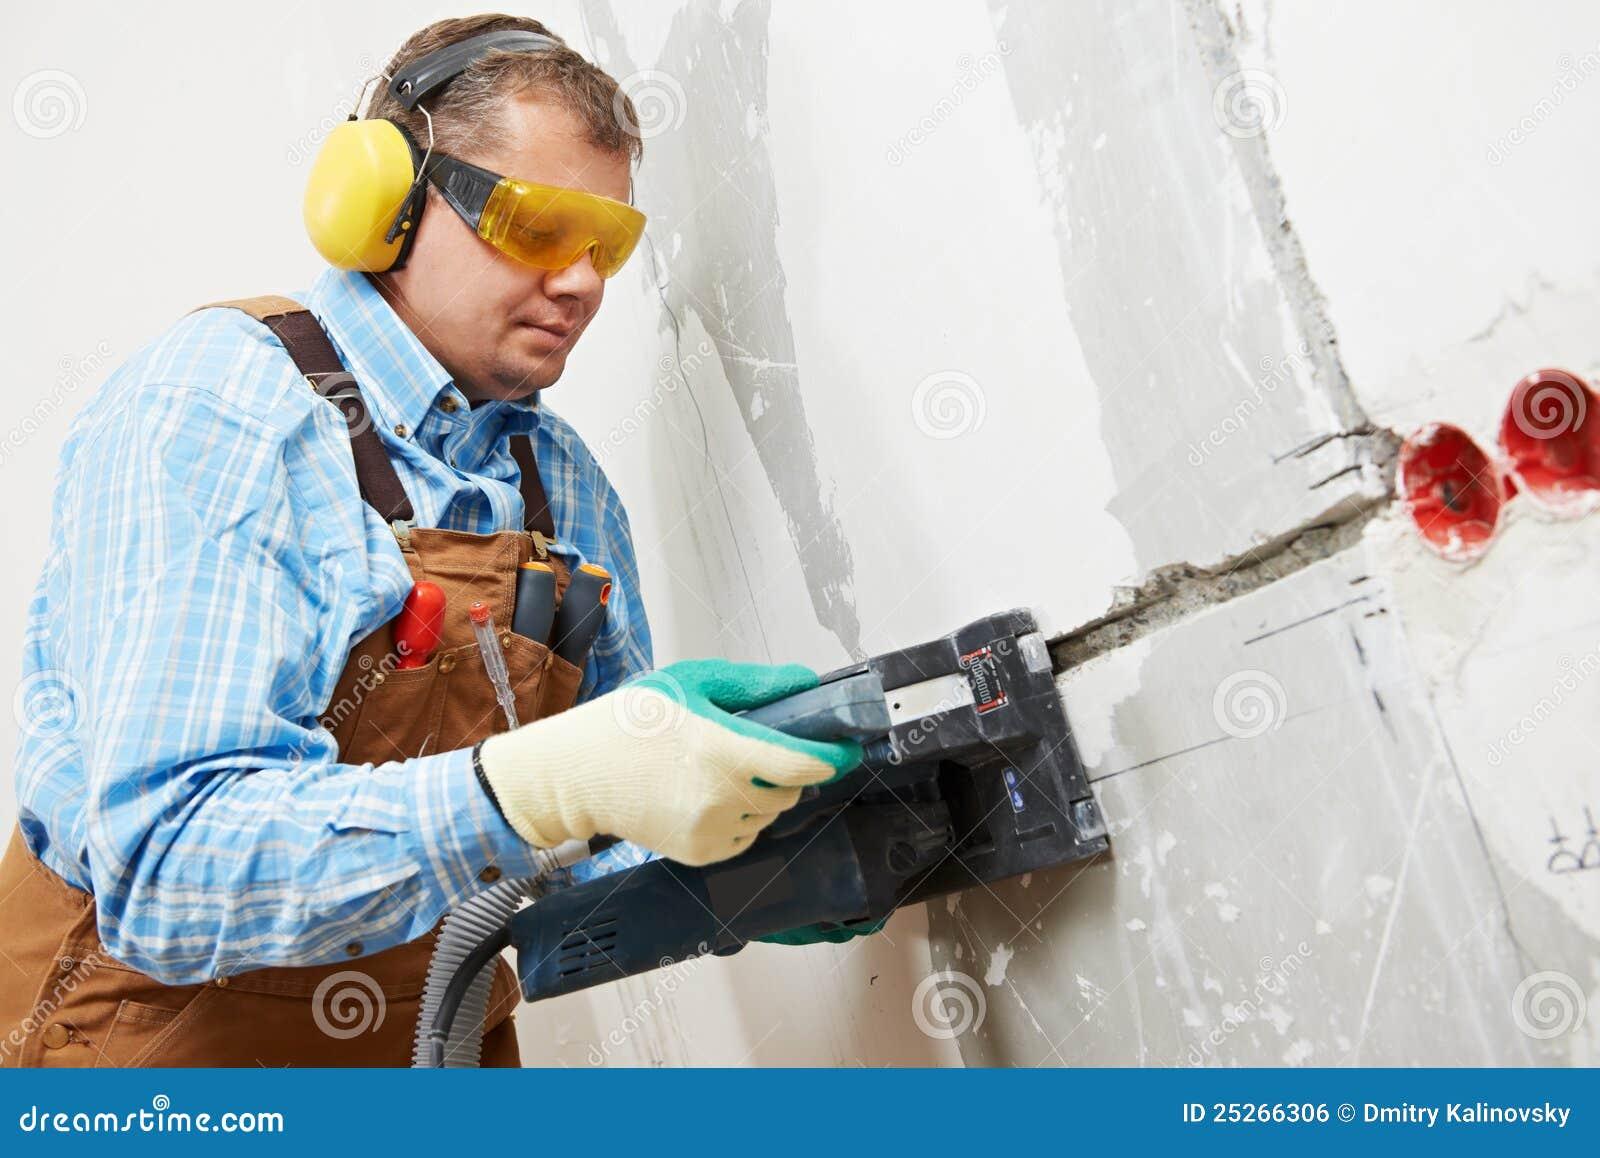 canaleta maching do eletricista na parede imagem de stock royalty free imagem 25266306. Black Bedroom Furniture Sets. Home Design Ideas